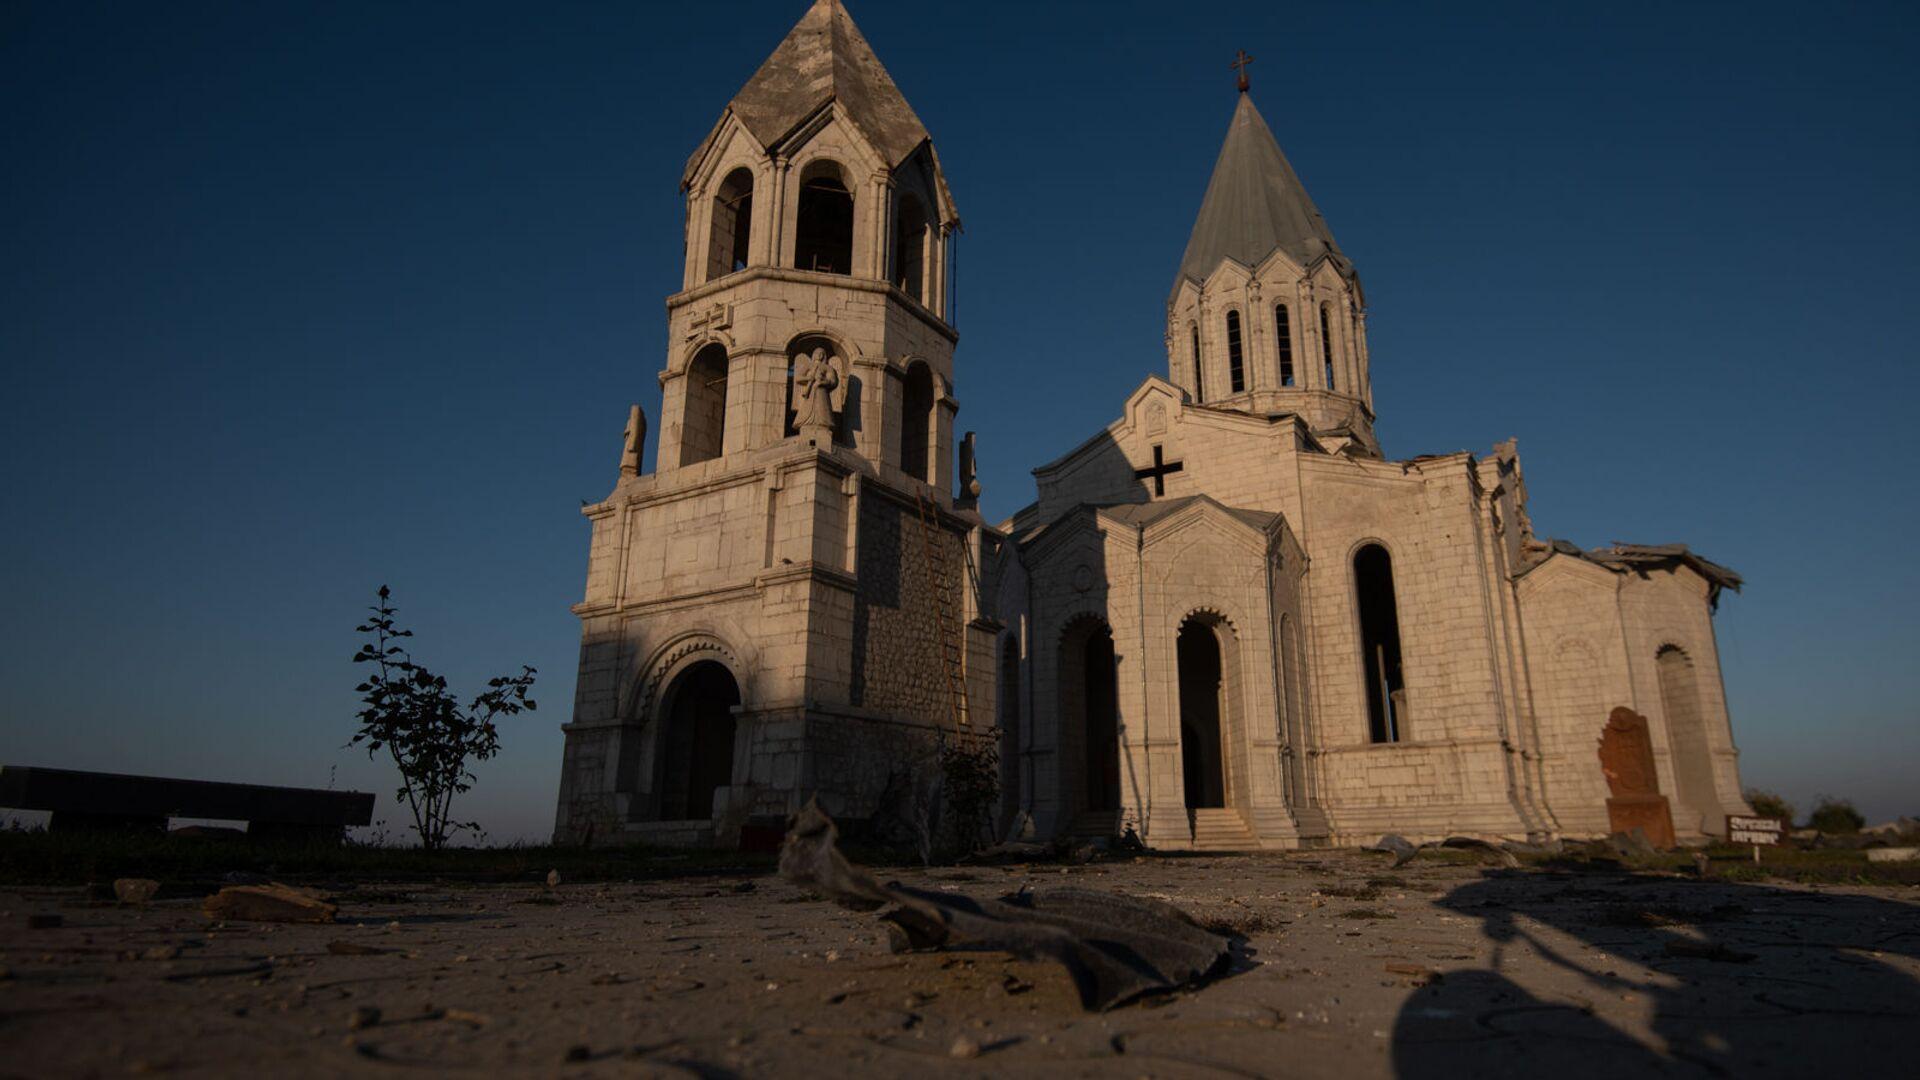 Ղազանչեցոց եկեղեցին Շուշիում - Sputnik Արմենիա, 1920, 26.09.2021